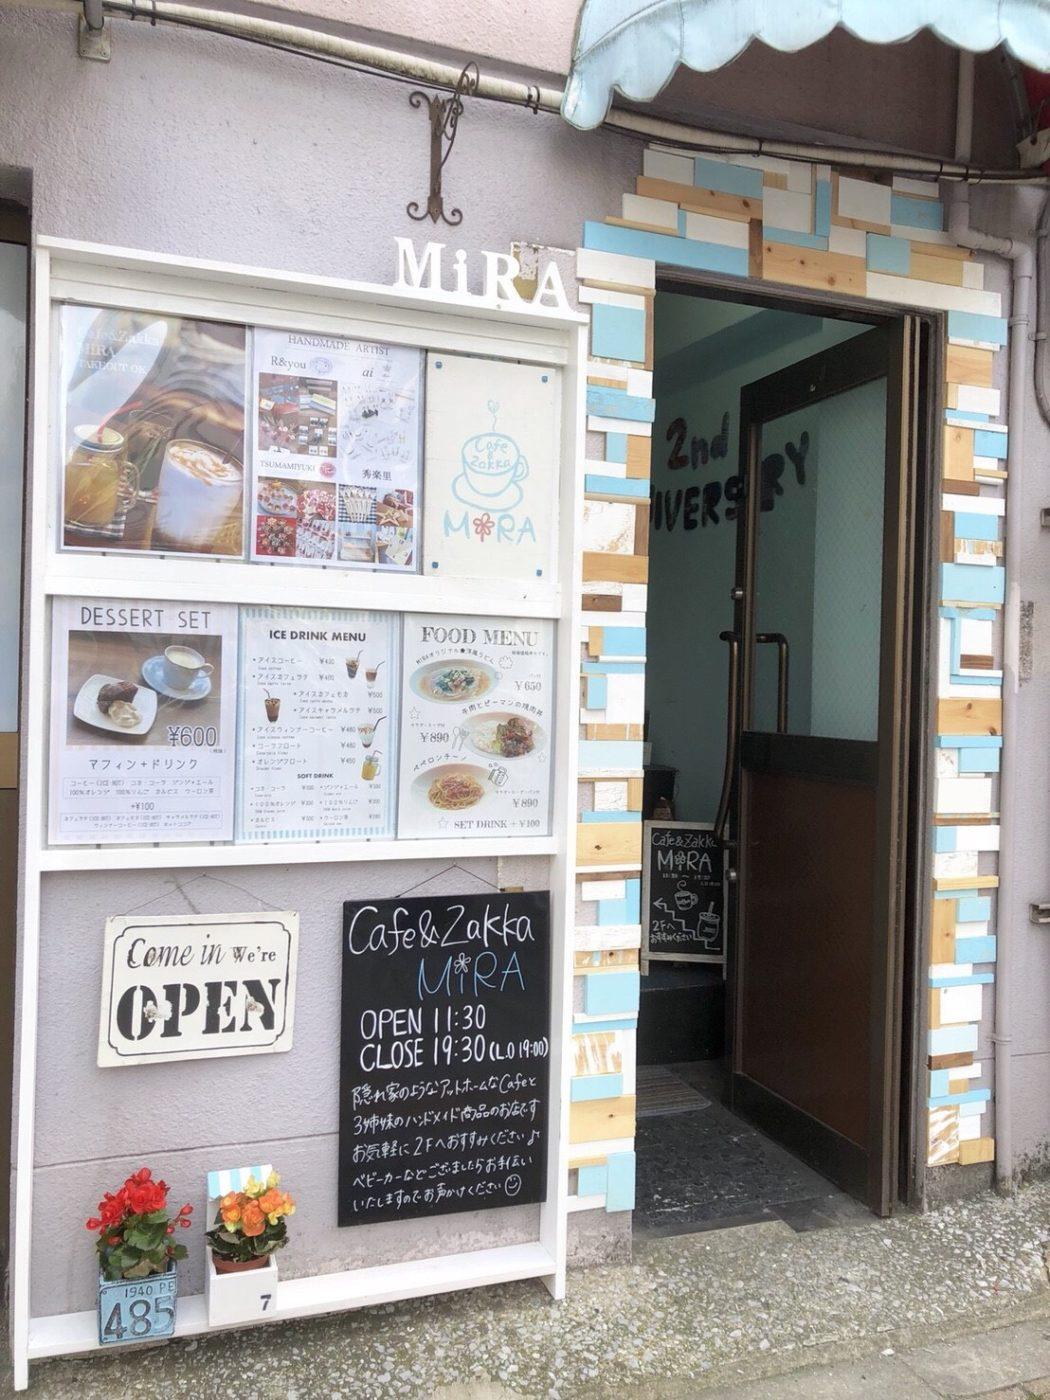 カフェ入り口。ビルの小さな入口